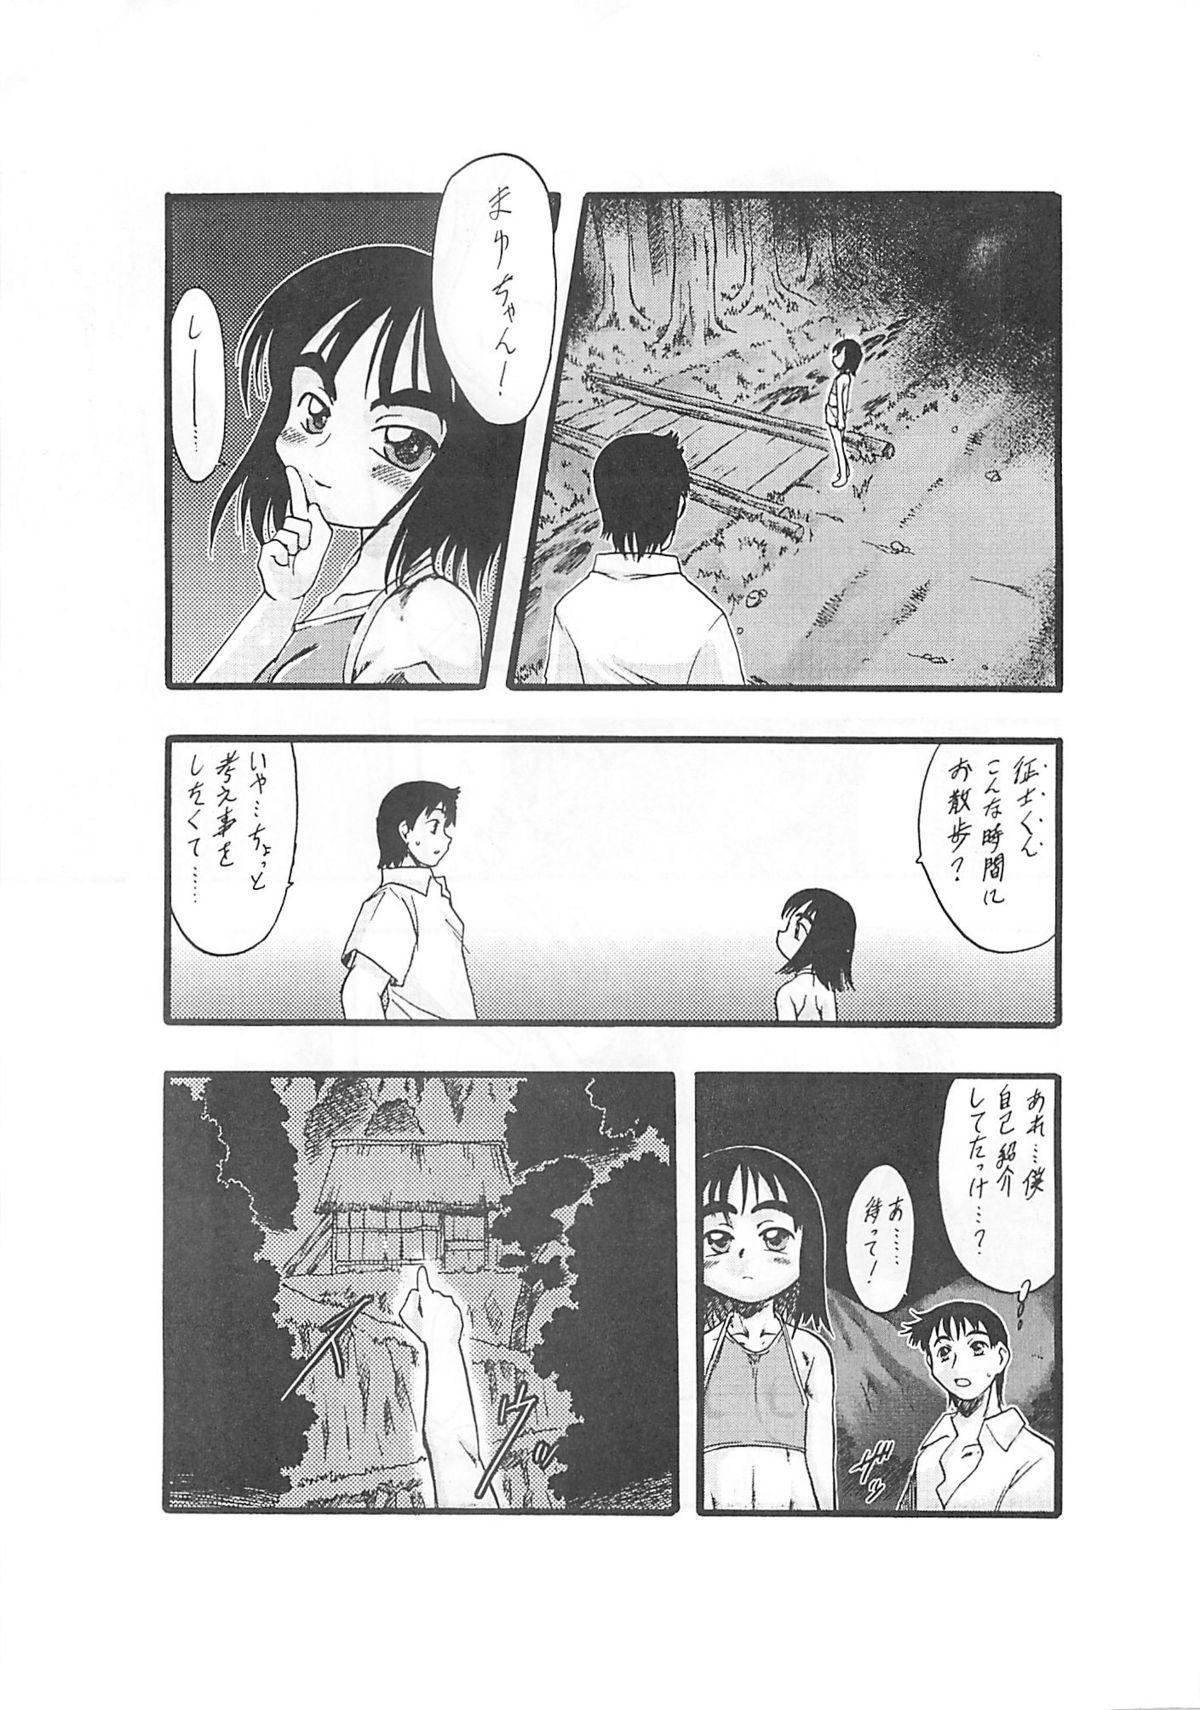 Nushi no Sumu Yama Vol. 1 15